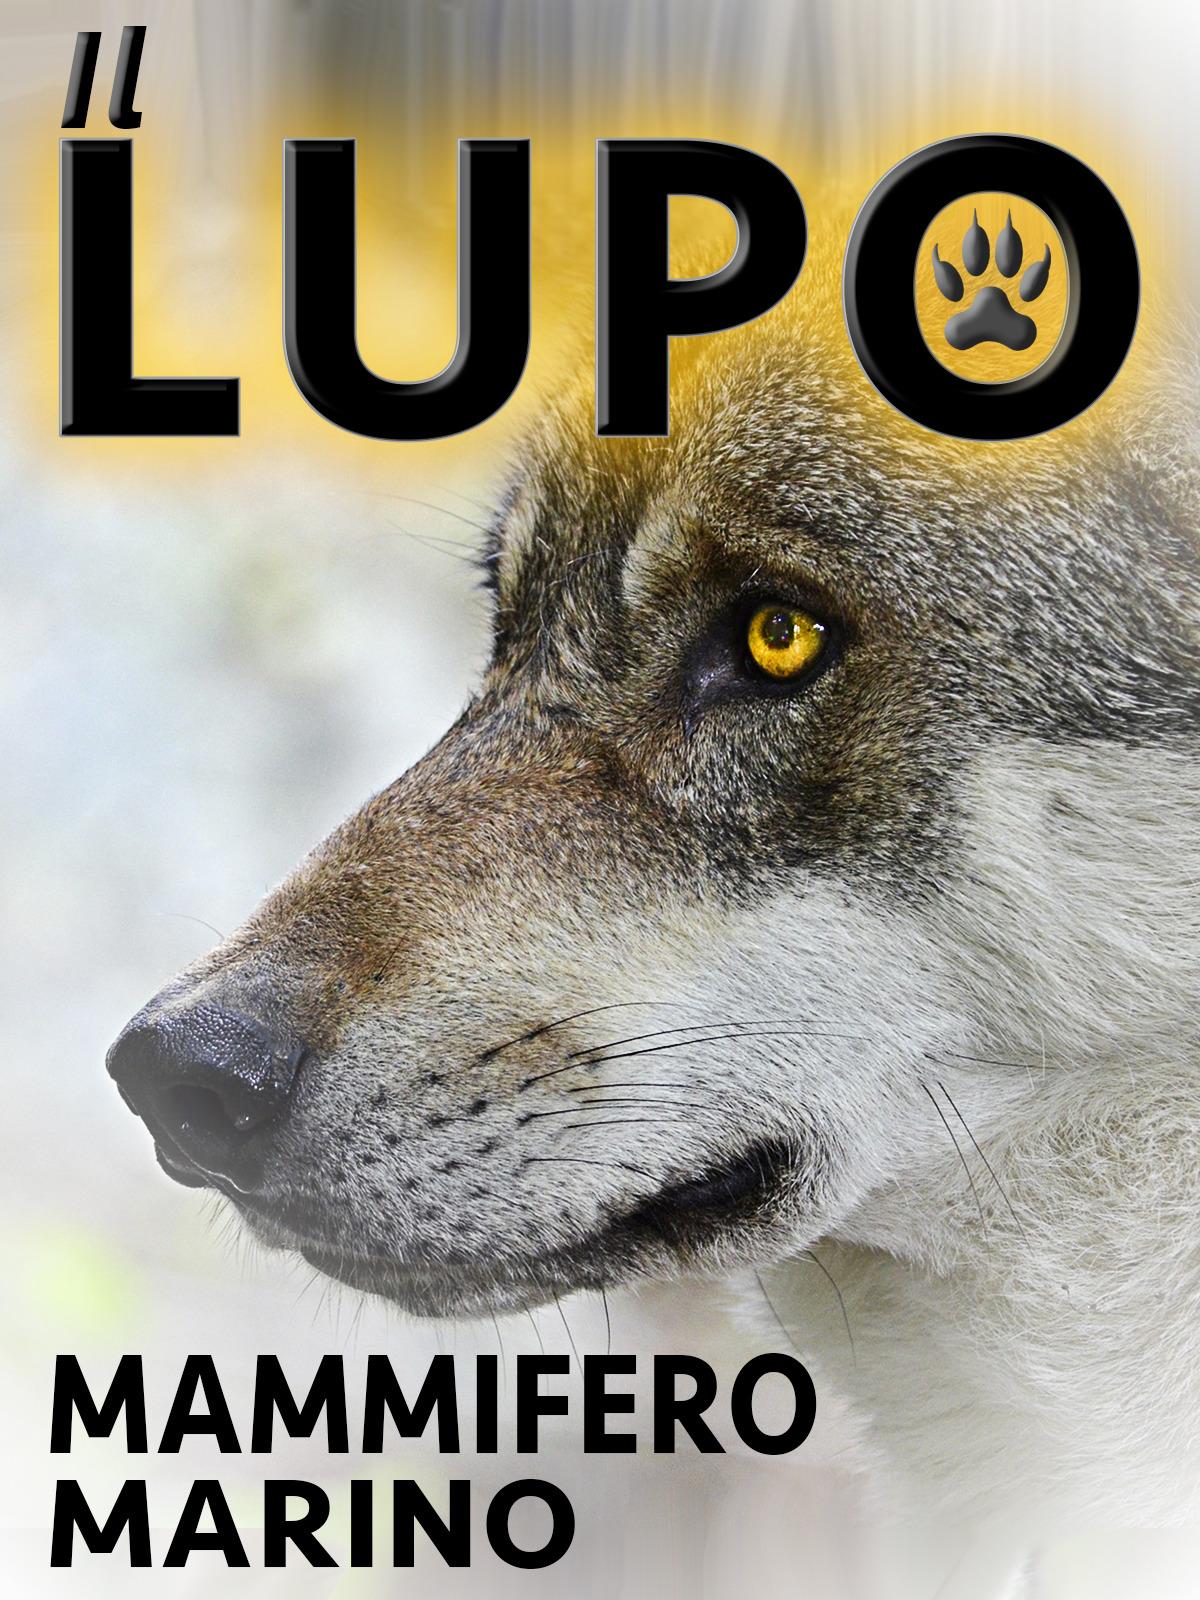 Il Lupo Mammifero Marino - Prime Video